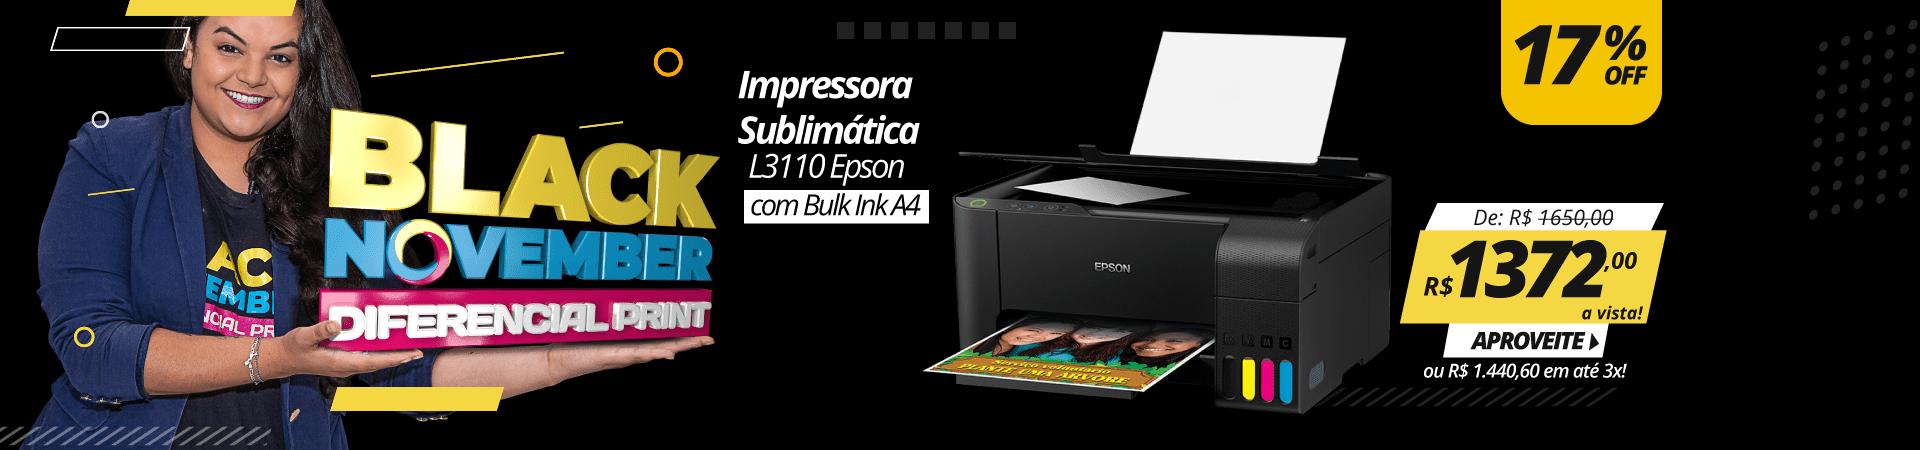 Black November 2020 - Impressora L3110